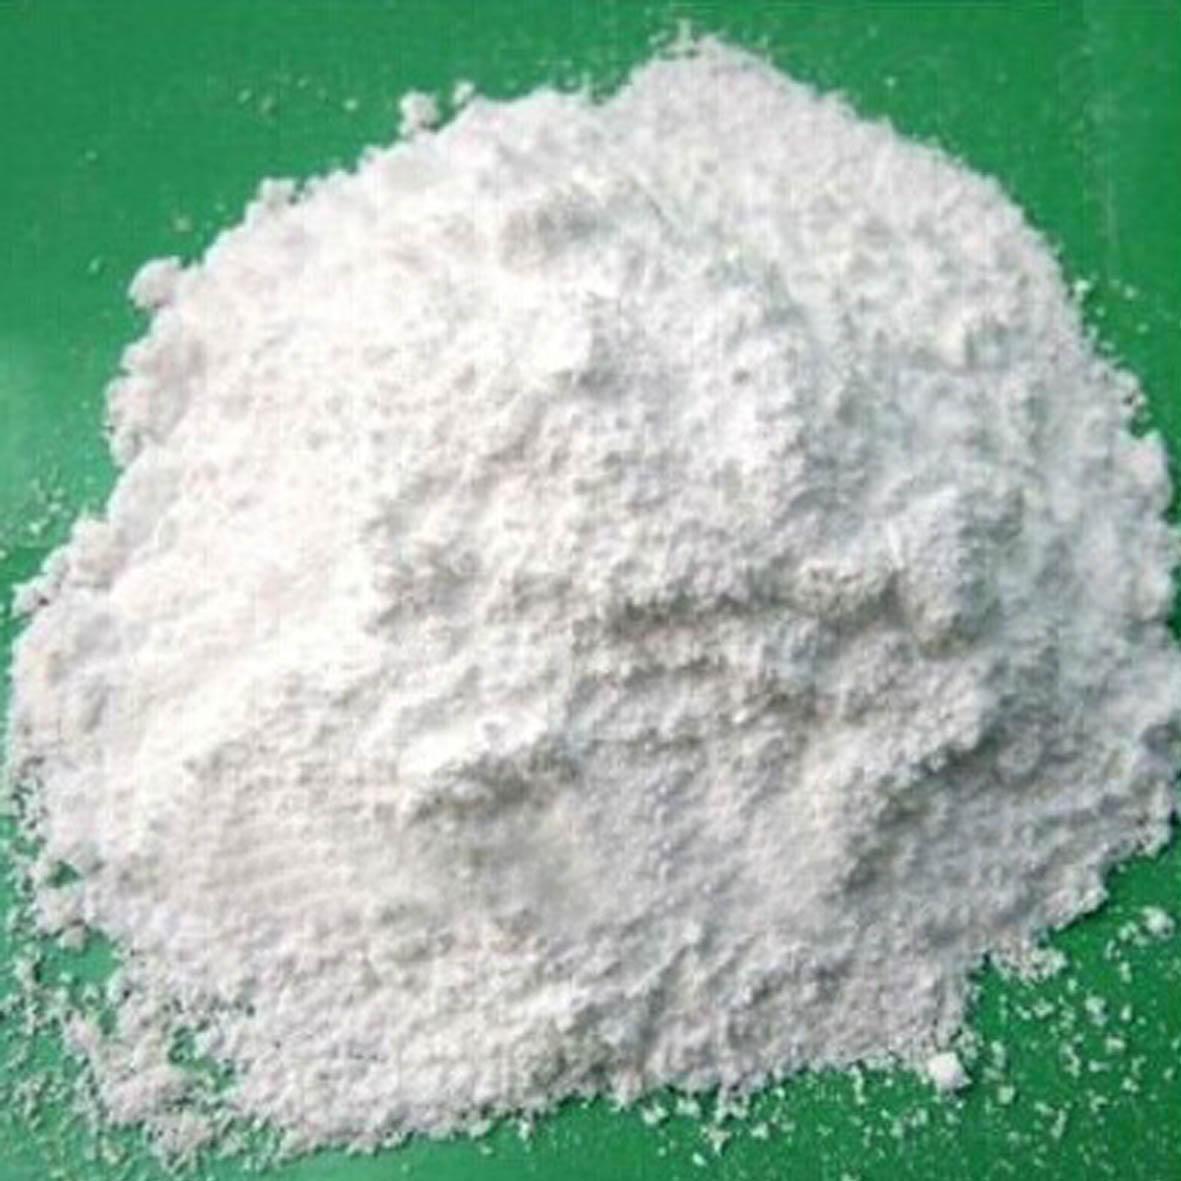 聚四氟乙烯悬浮中粒树脂 (JF-G180)